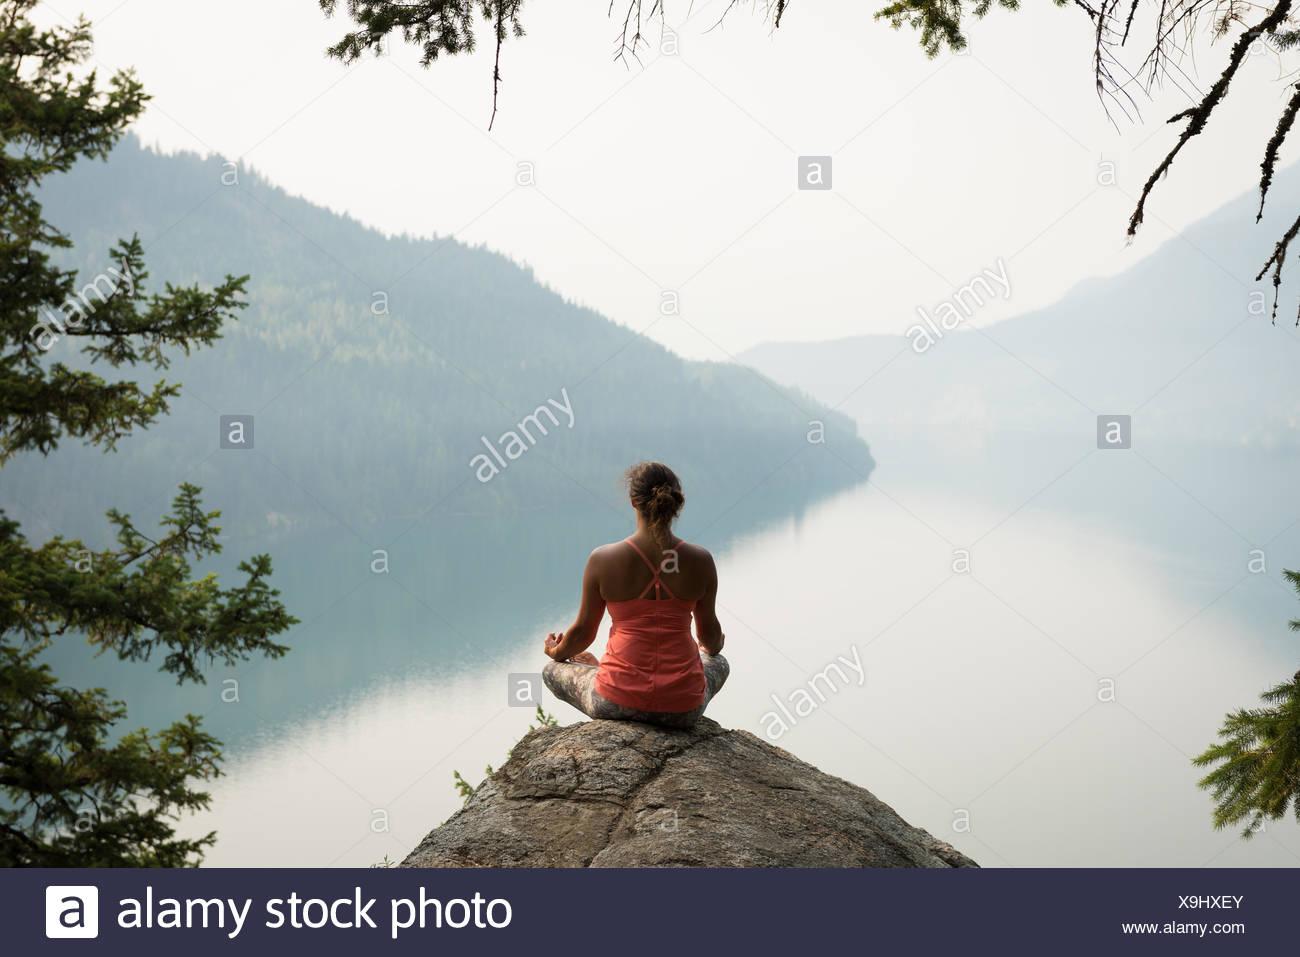 Colocar una mujer sentada en postura de meditación sobre el borde de una roca Imagen De Stock